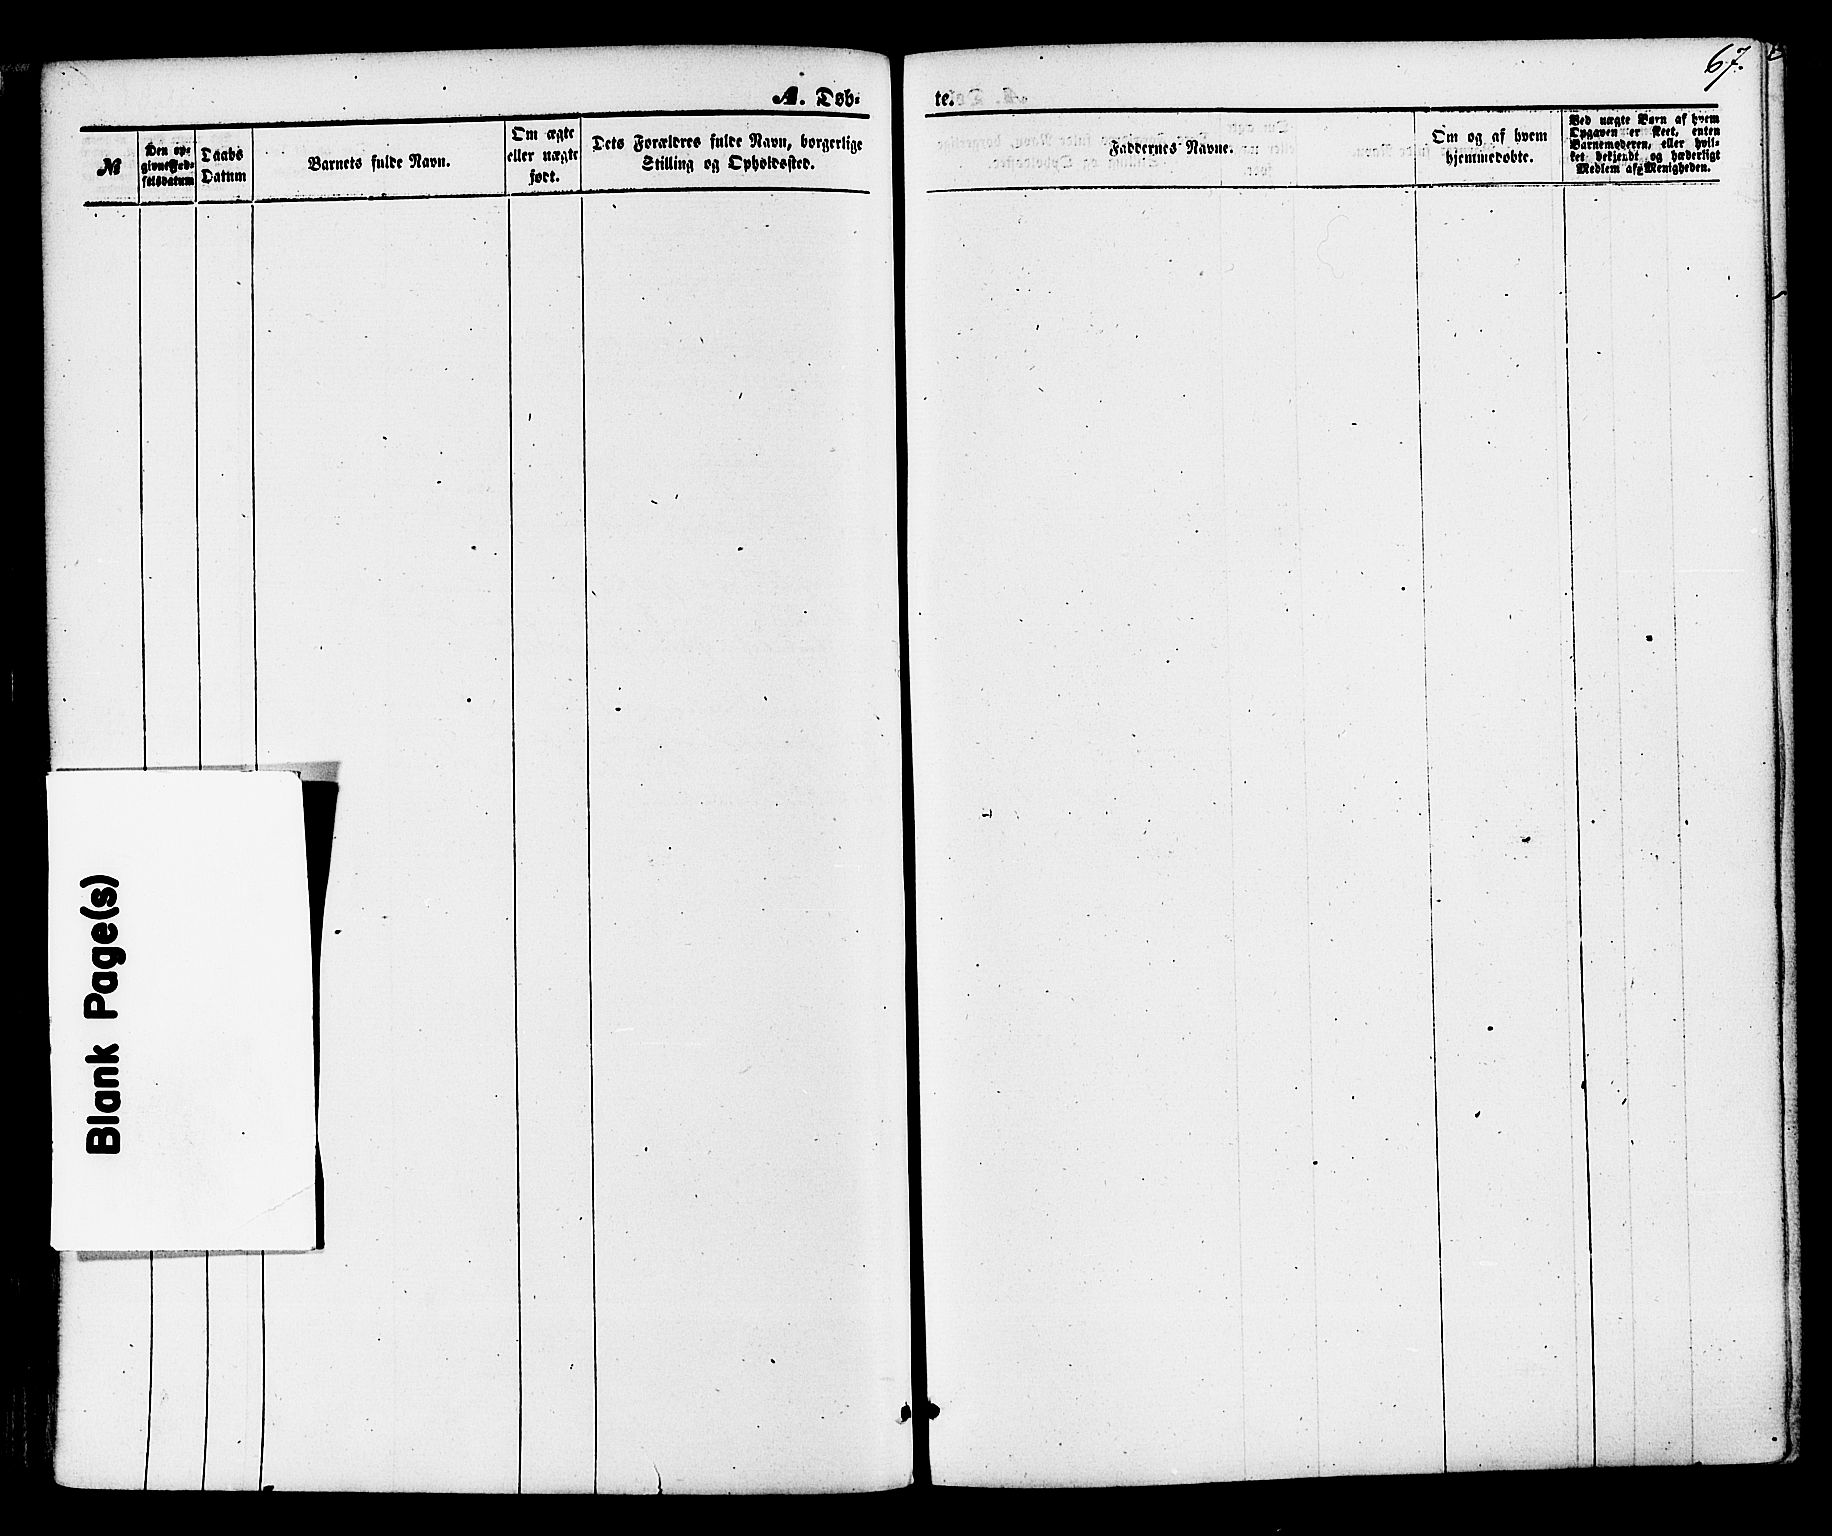 SAKO, Gjerpen kirkebøker, F/Fa/L0009: Ministerialbok nr. 9, 1872-1885, s. 67